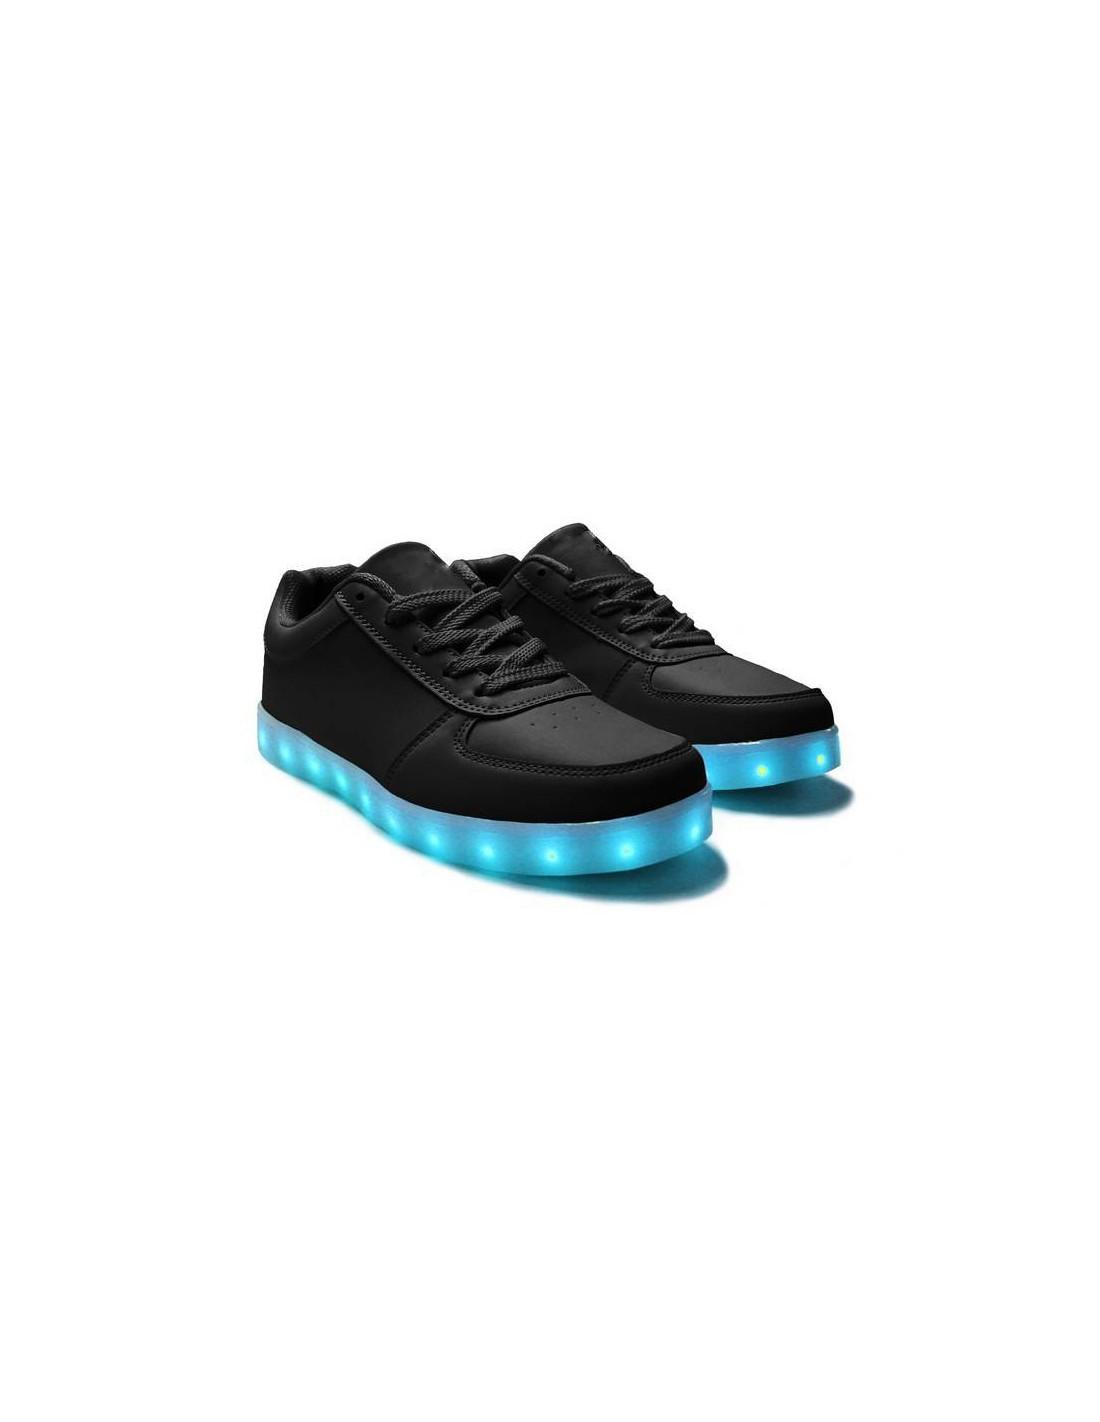 chaussure led noir - wegoboard